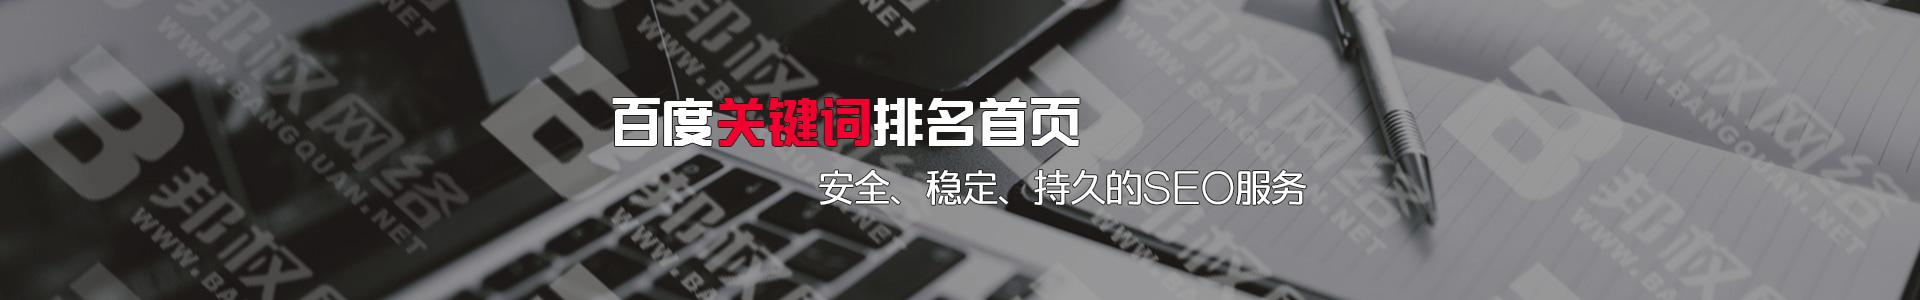 太仓网络公司泽网建站案例